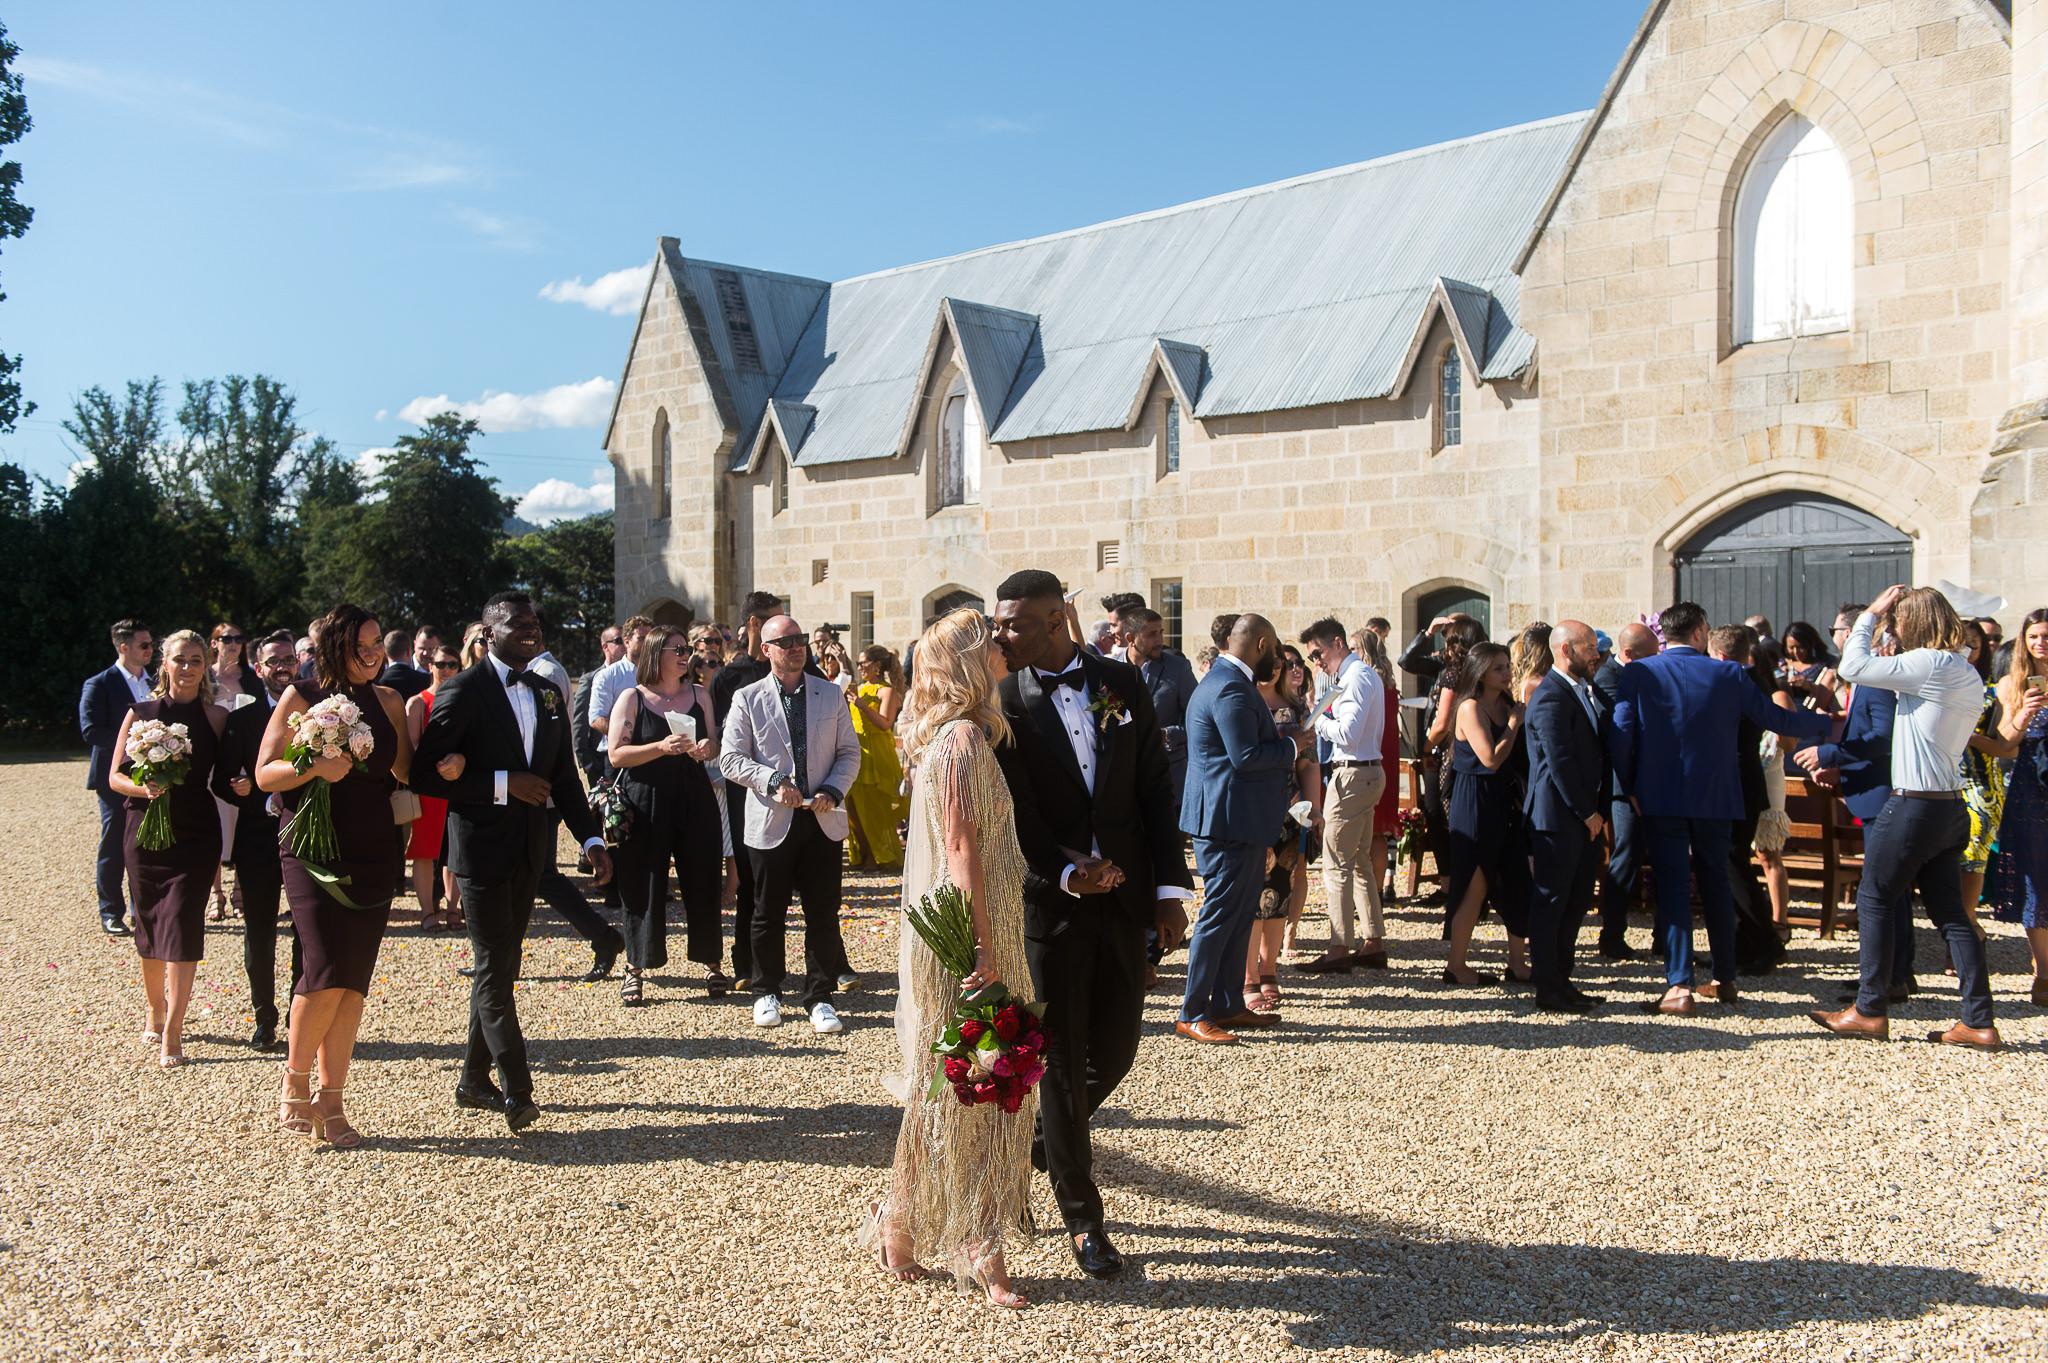 42_Shene_Estate_wedding_Jonathan_Wherrett.jpg